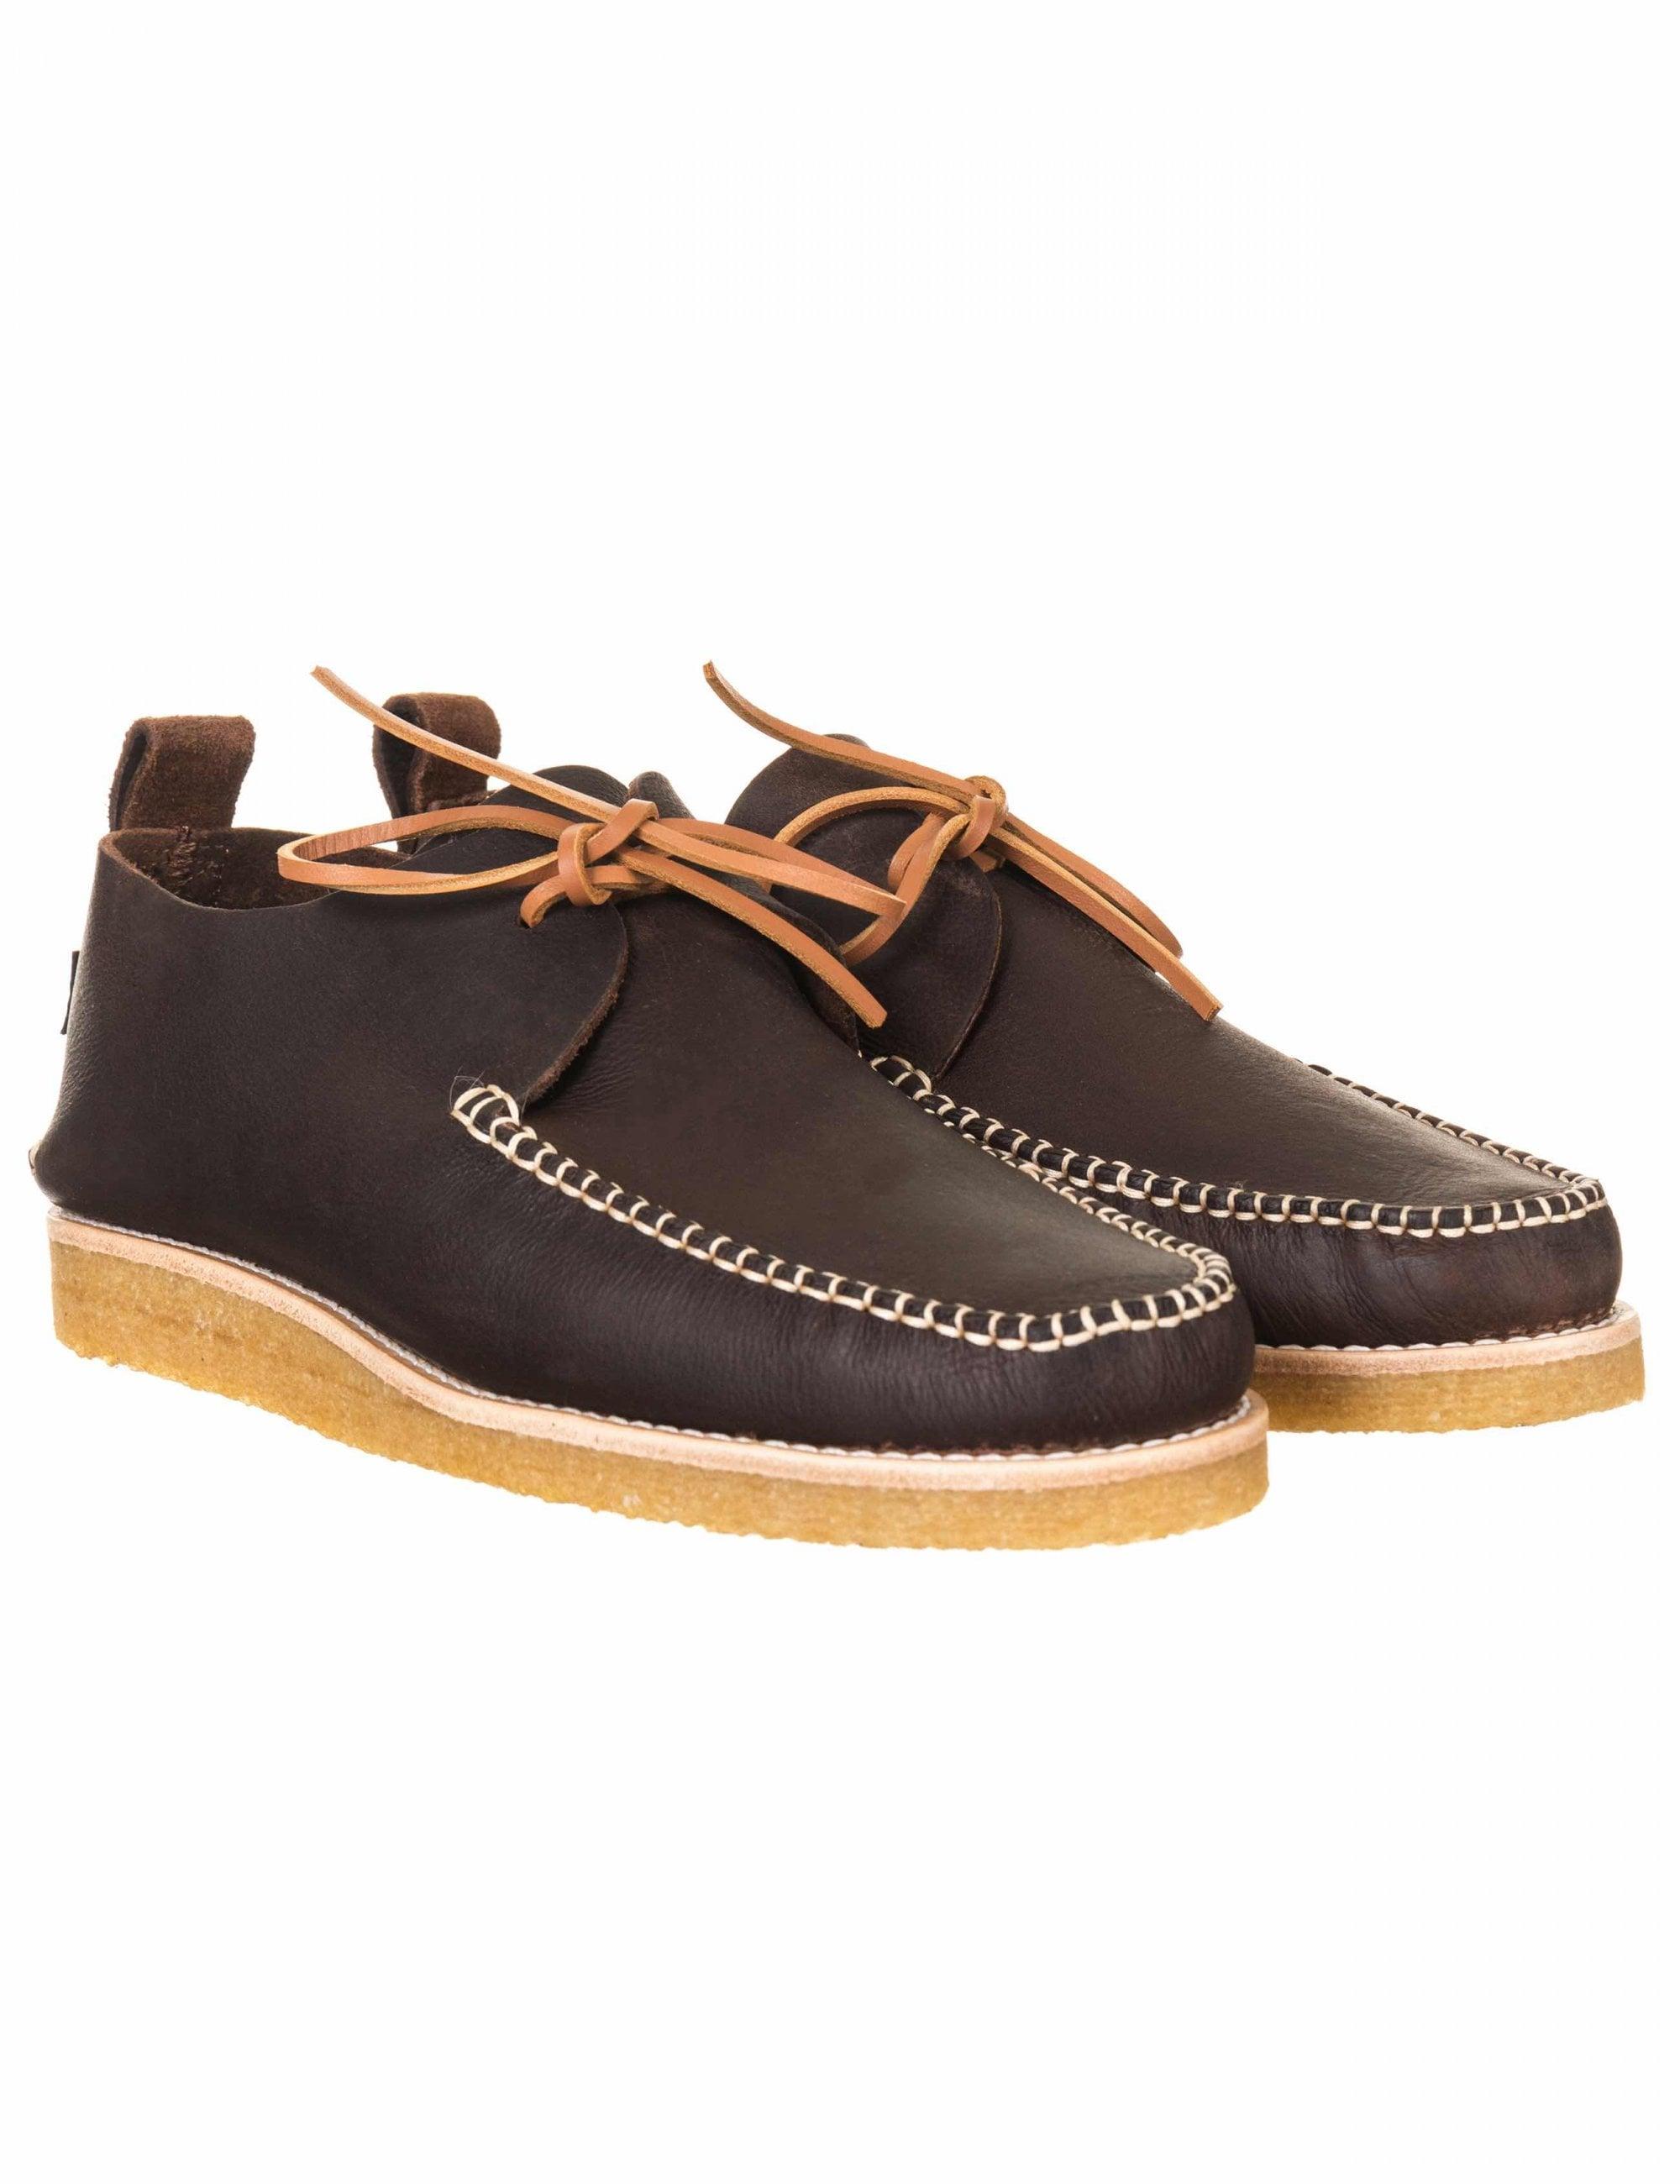 Yogi Footwear Lawson Leather Moccasin